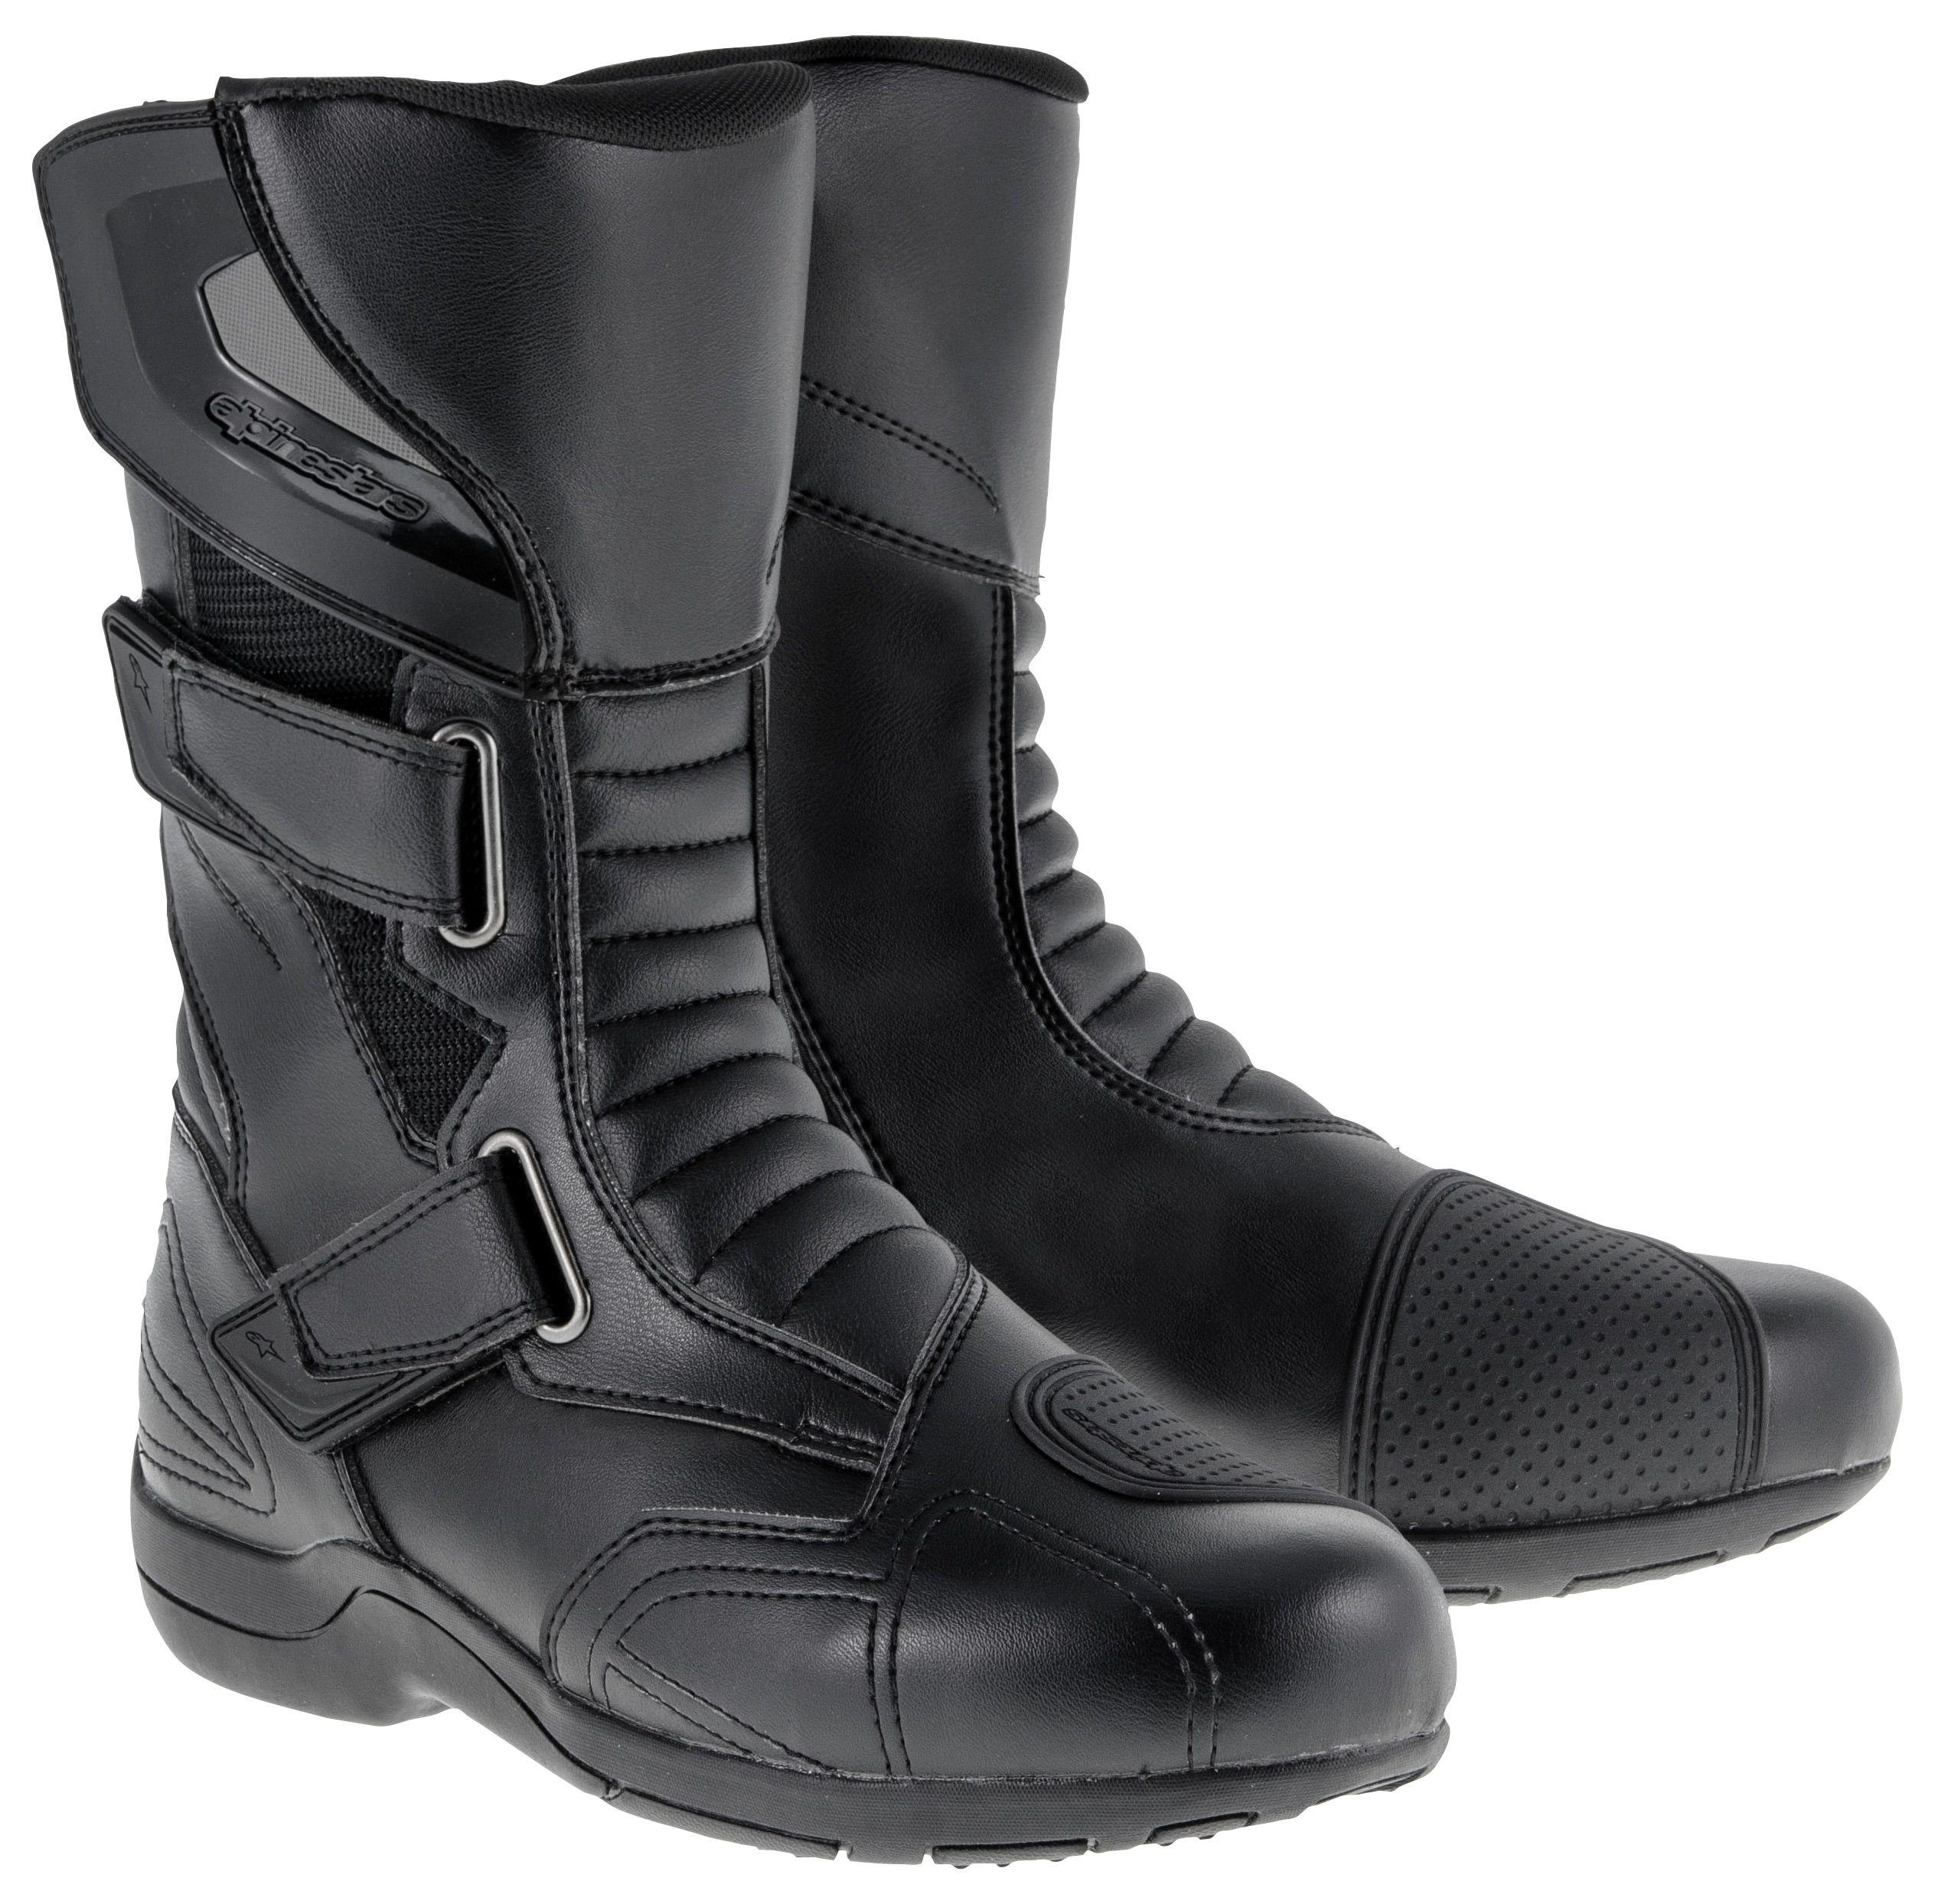 waterproof boots alpinestars roam 2 wp boots - revzilla WDQWMLJ